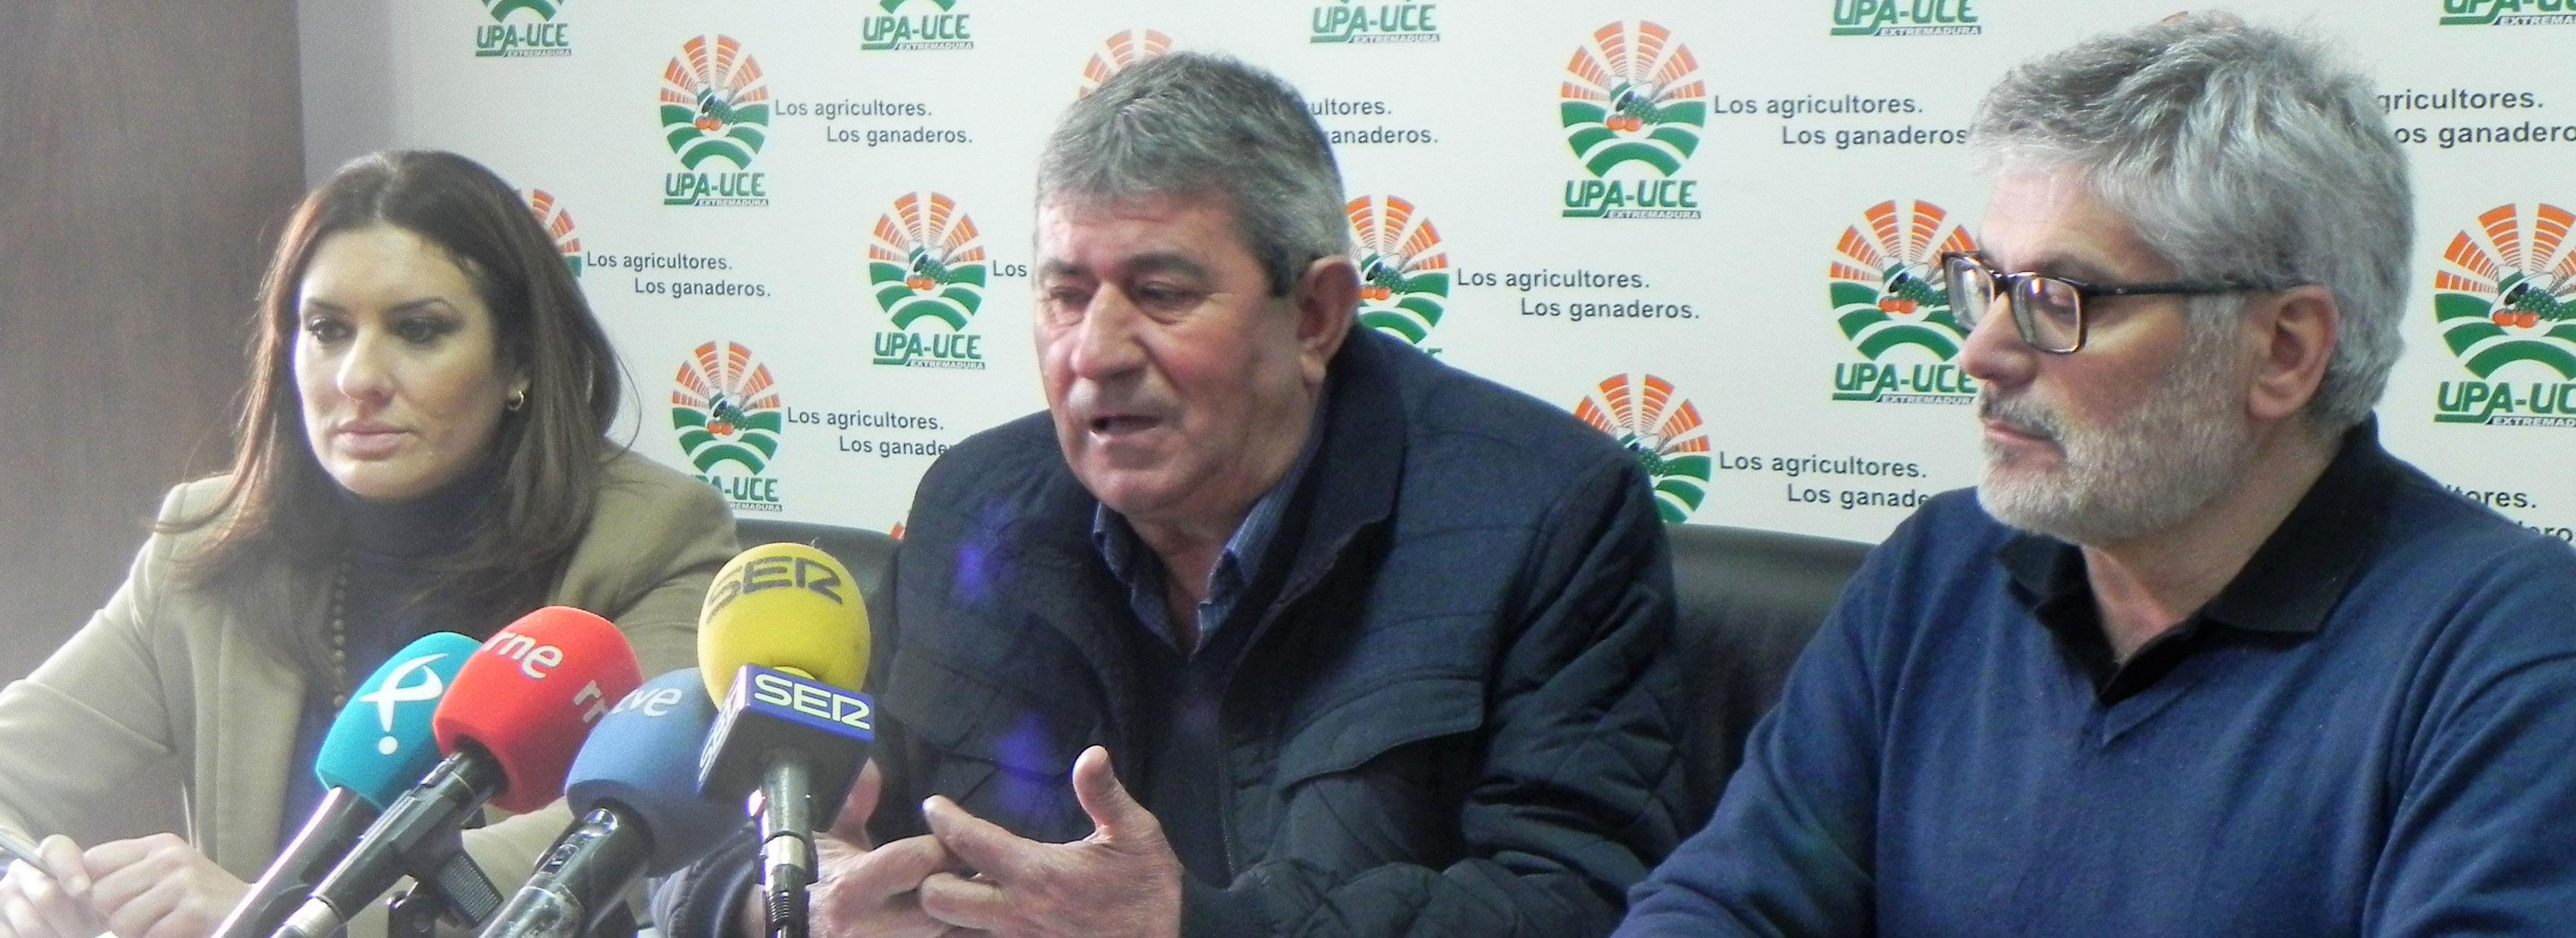 UPA exige al COPA y al Parlamento Europeo que intervengan ante los ataques a camiones españoles en Francia